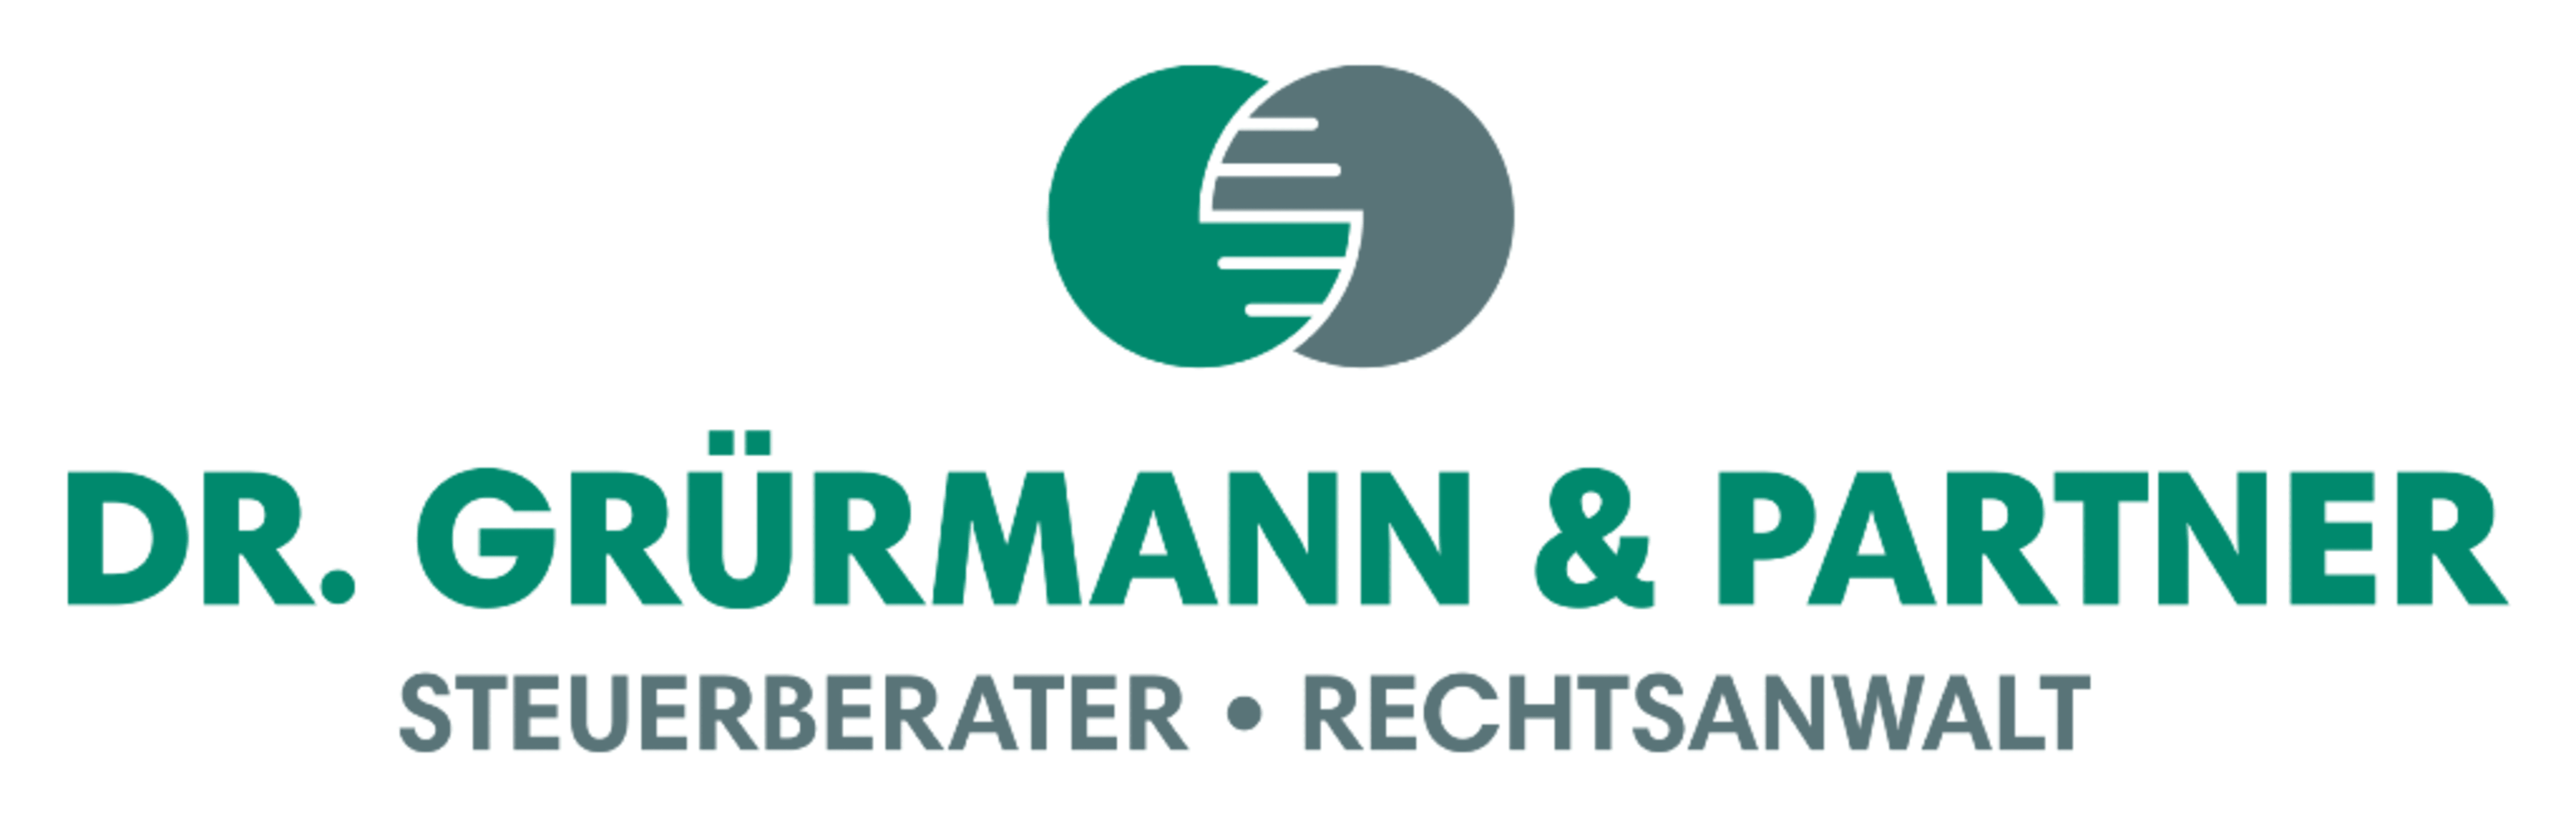 logo Dr. Grürmann & Partner - Steuerberater, Rechtsanwalt